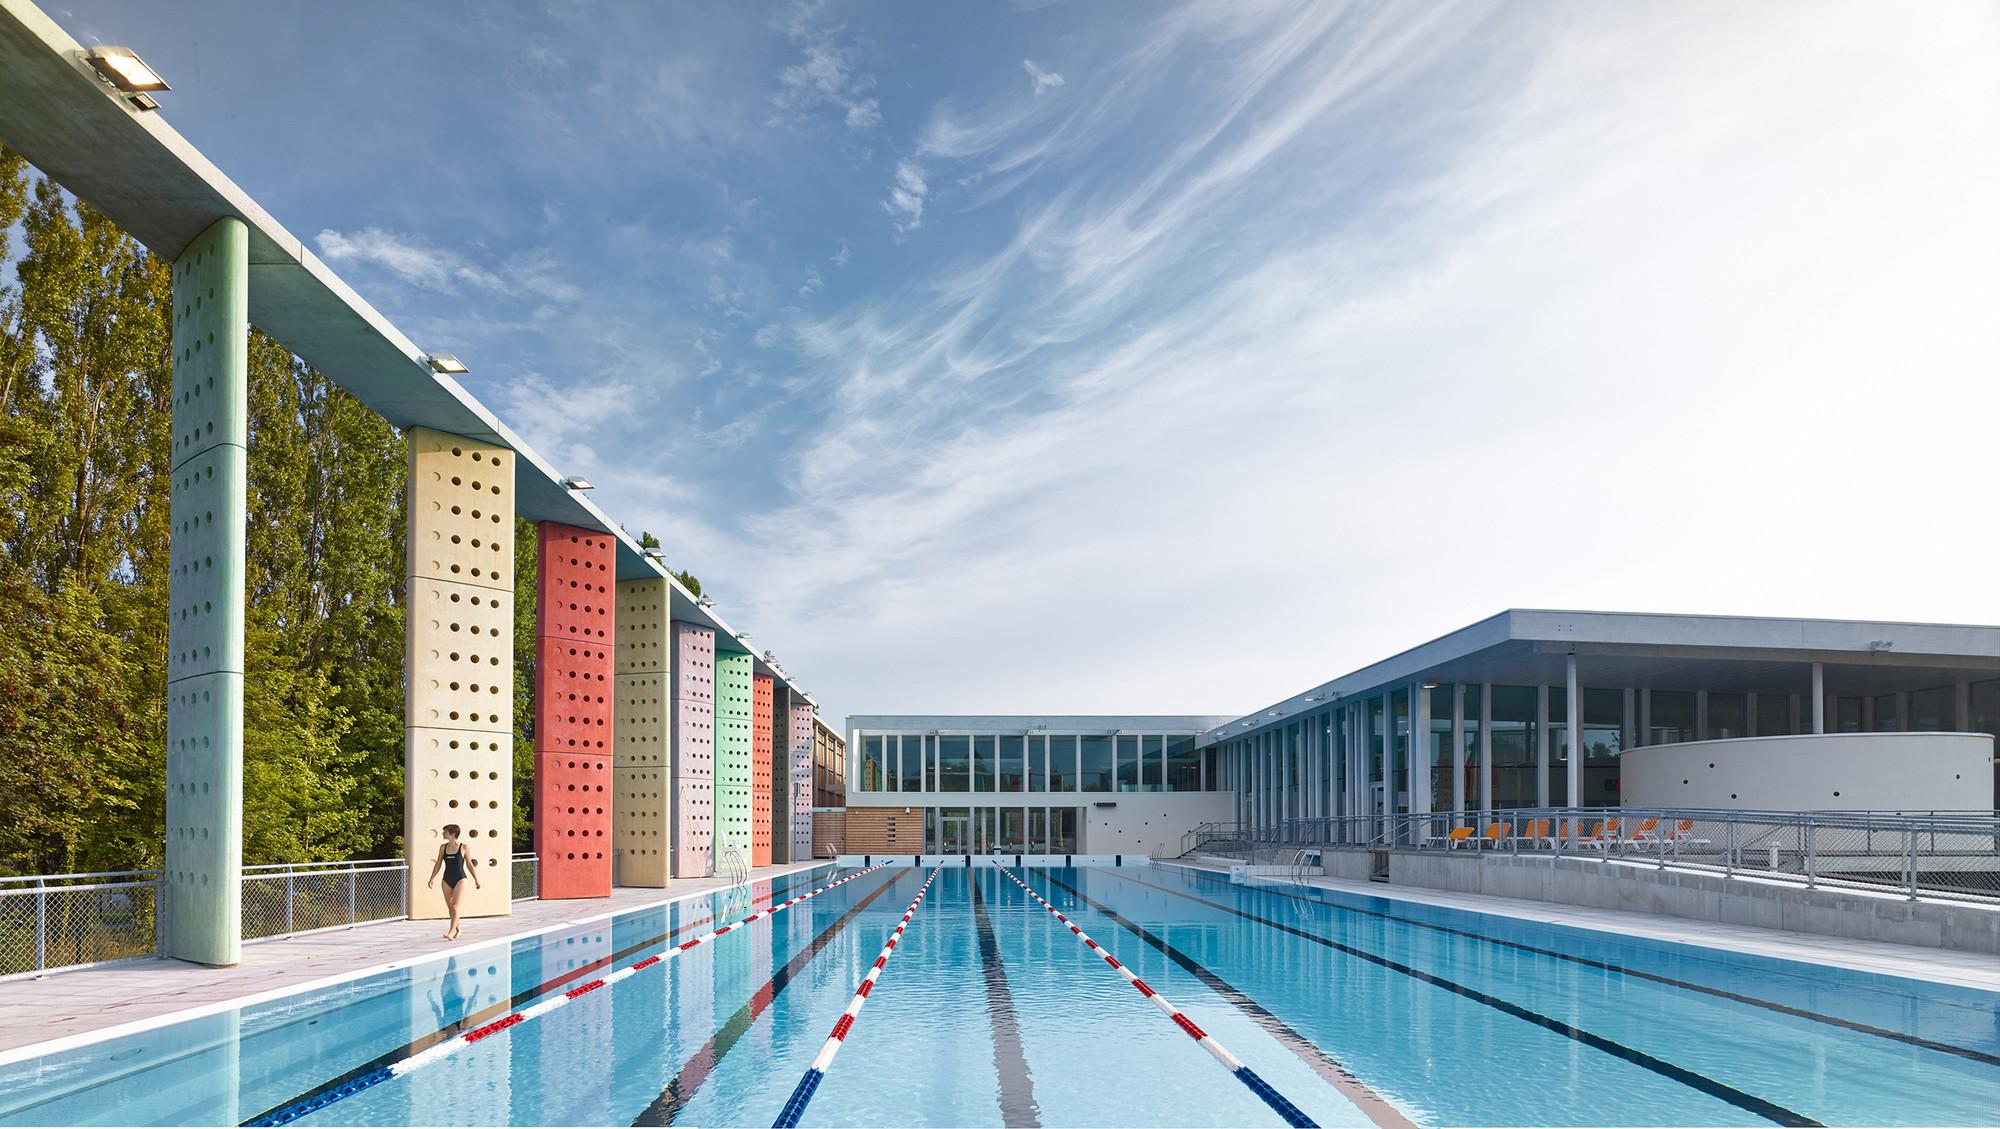 Aquatic Centre Louviers / DRD Architecture, © Gregoire Auger